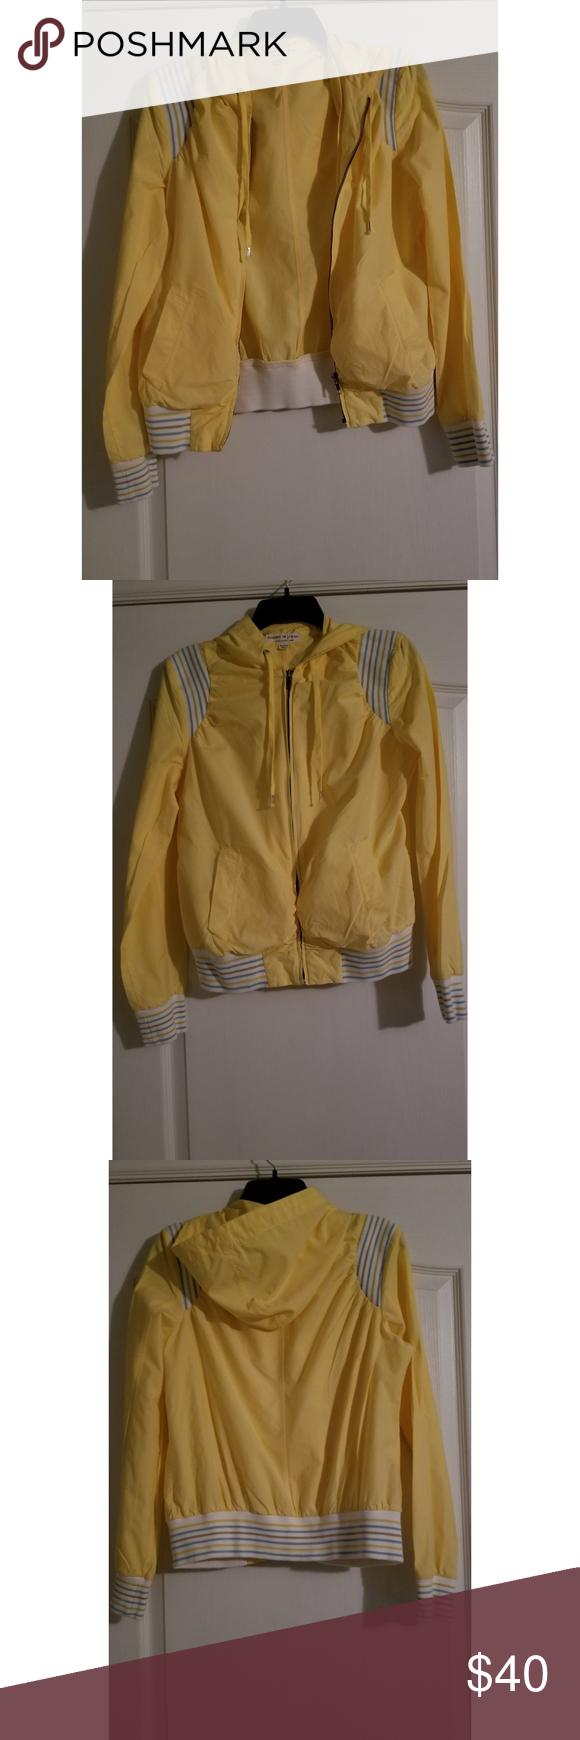 Beautiful Tommy Hilfiger Yellow Jacket Size XL Tommy